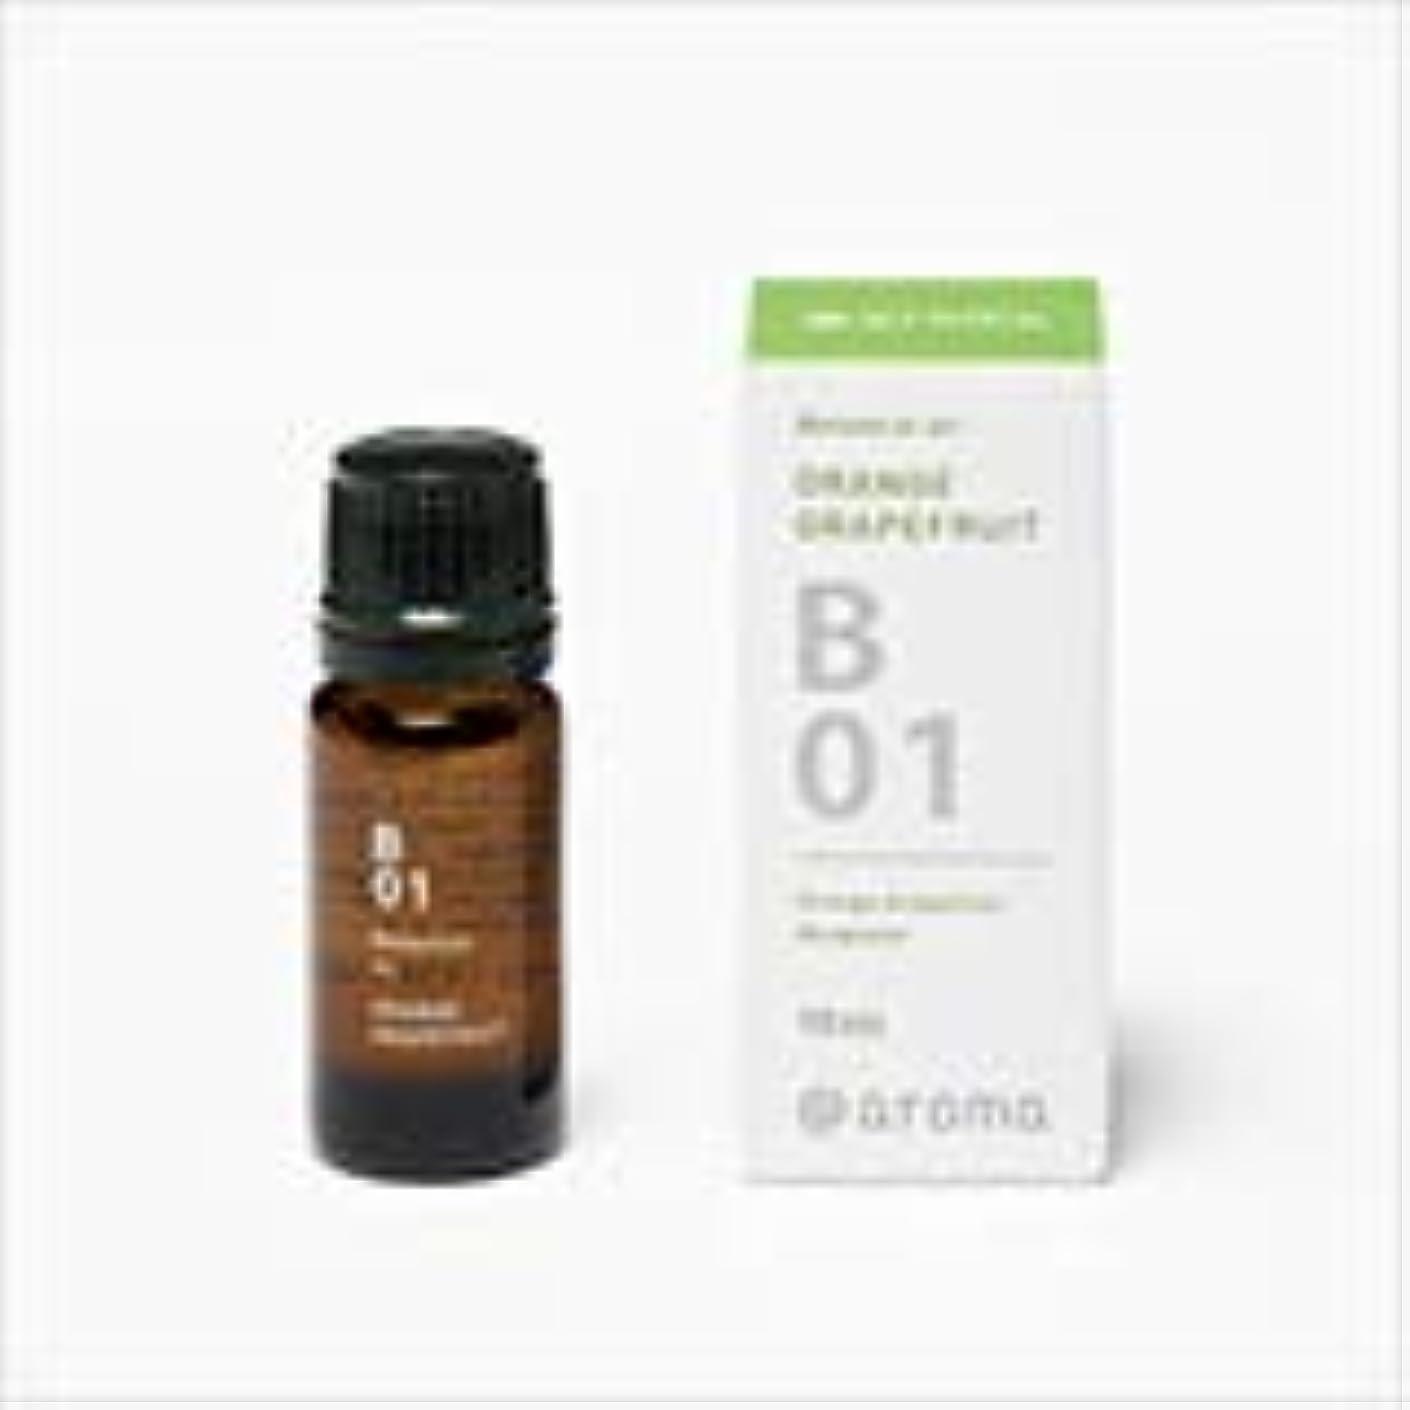 魅惑する力強い広範囲アットアロマ 100%pure essential oil <Botanical air ラベンダーティートリー>